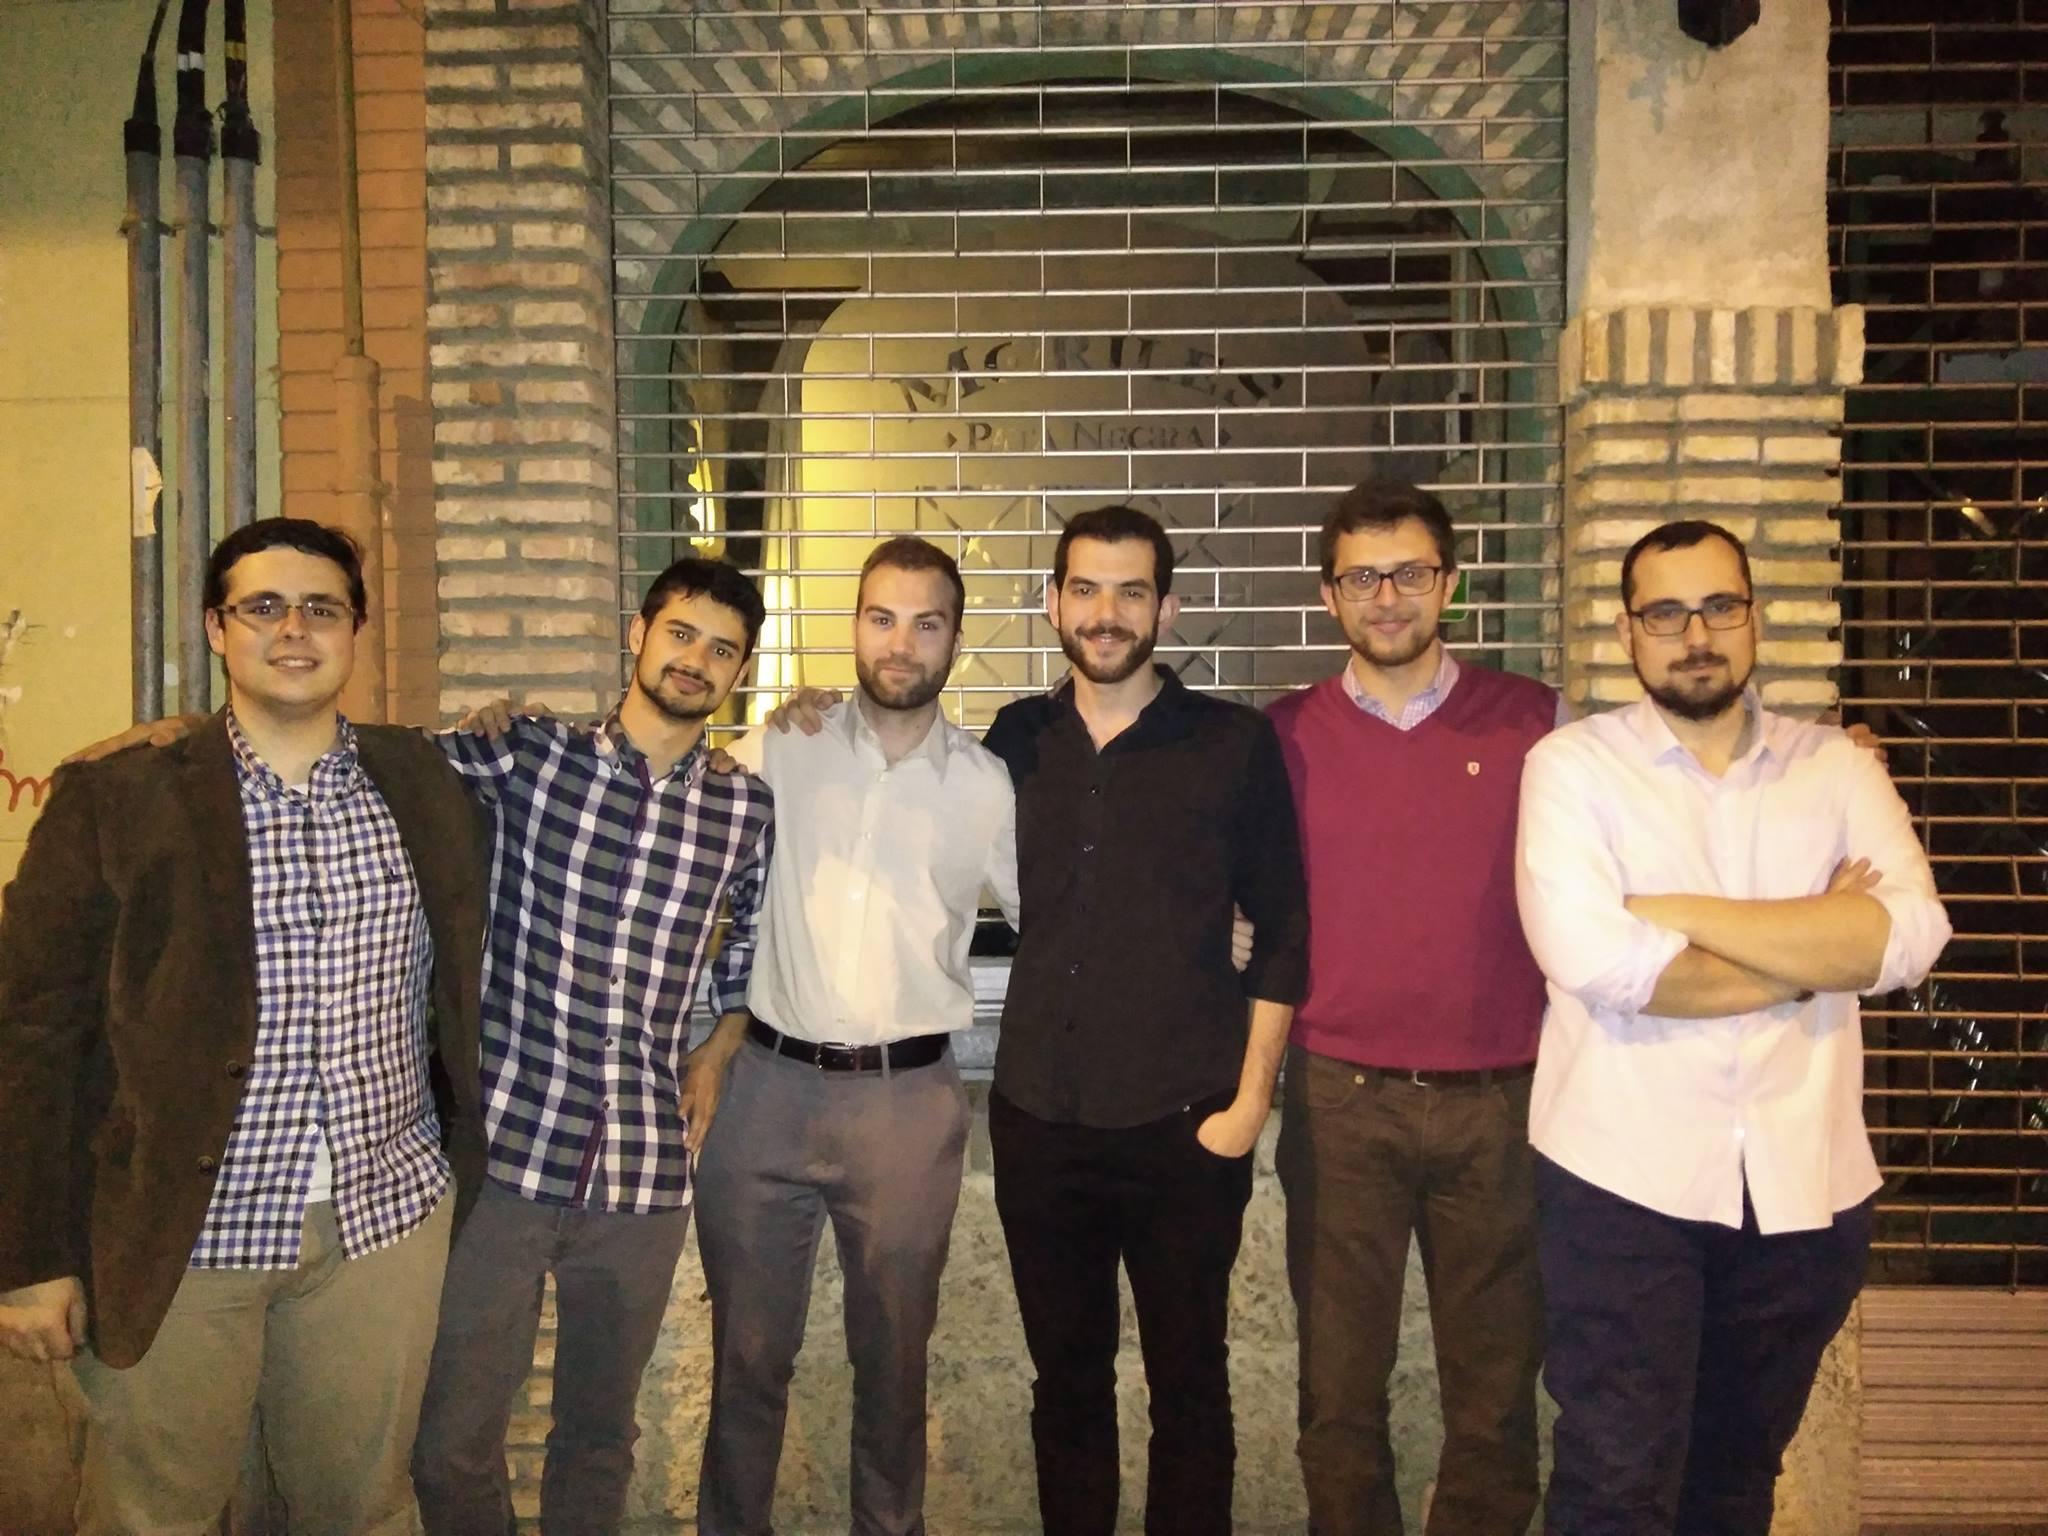 En esta foto, con los redactores de Cámara Cívica provenientes de la Asociación de Debate Dilema: de izquierda a derecha son Fernando León, Alejandro Ruiz, Pedro González, Manu Rodríguez, Manuel Benitez y Paco León.